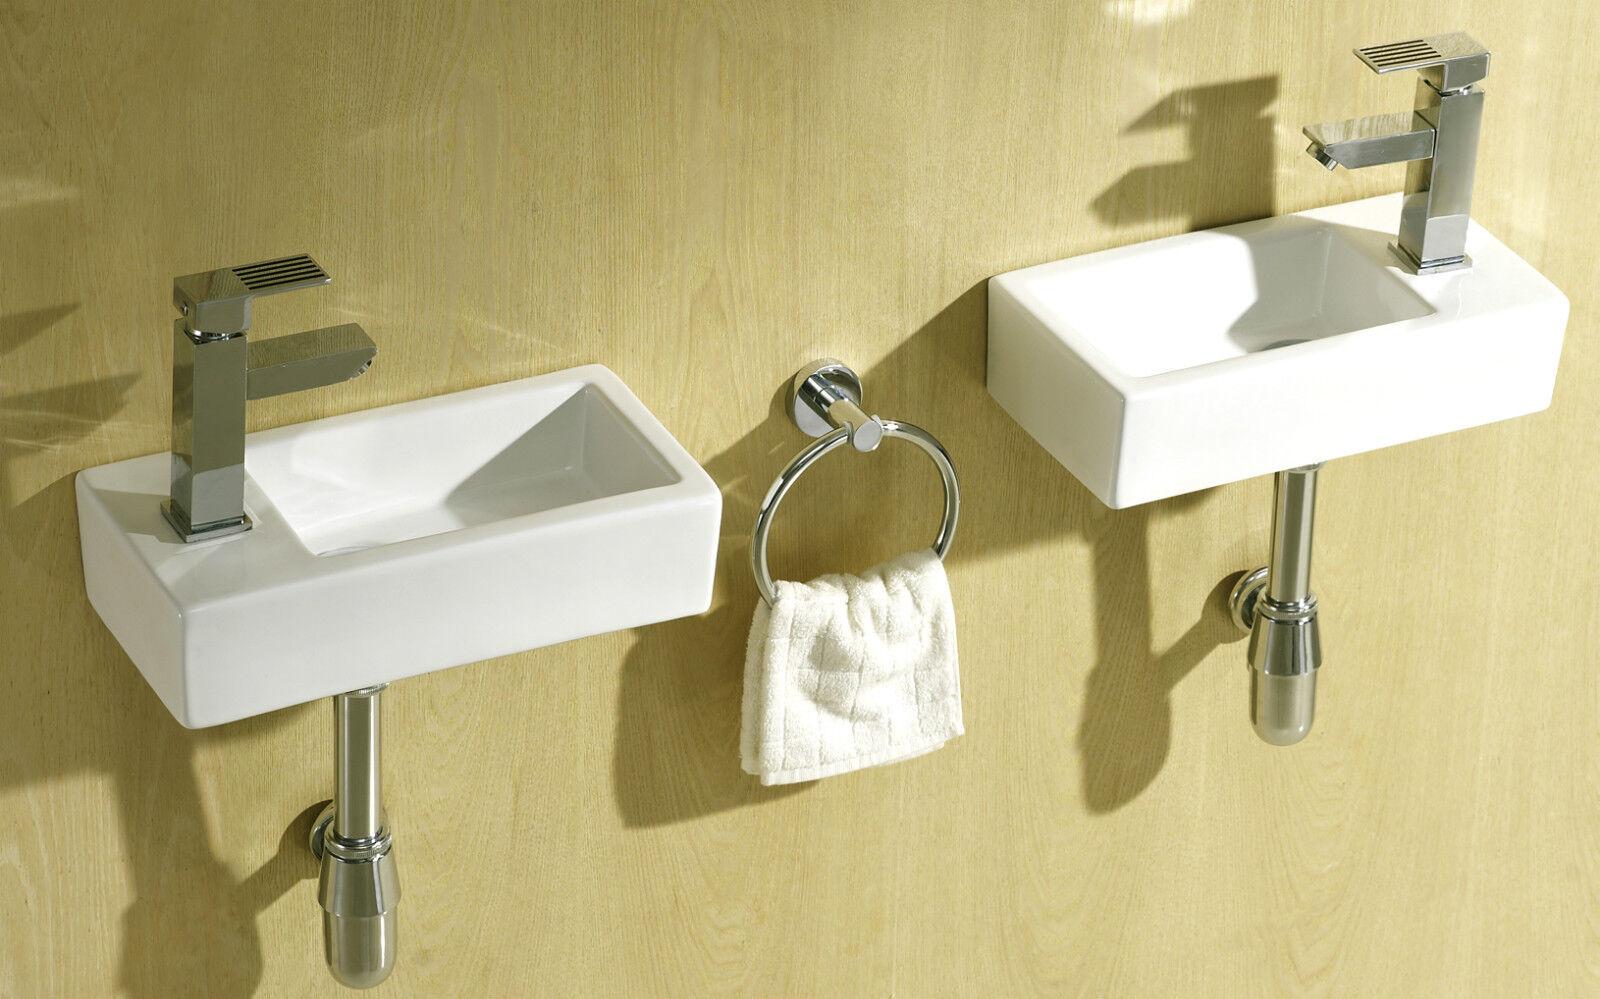 ... Rectangle Cloakroom Basin Bathroom Sink Wall Hung 375 X 185 eBay